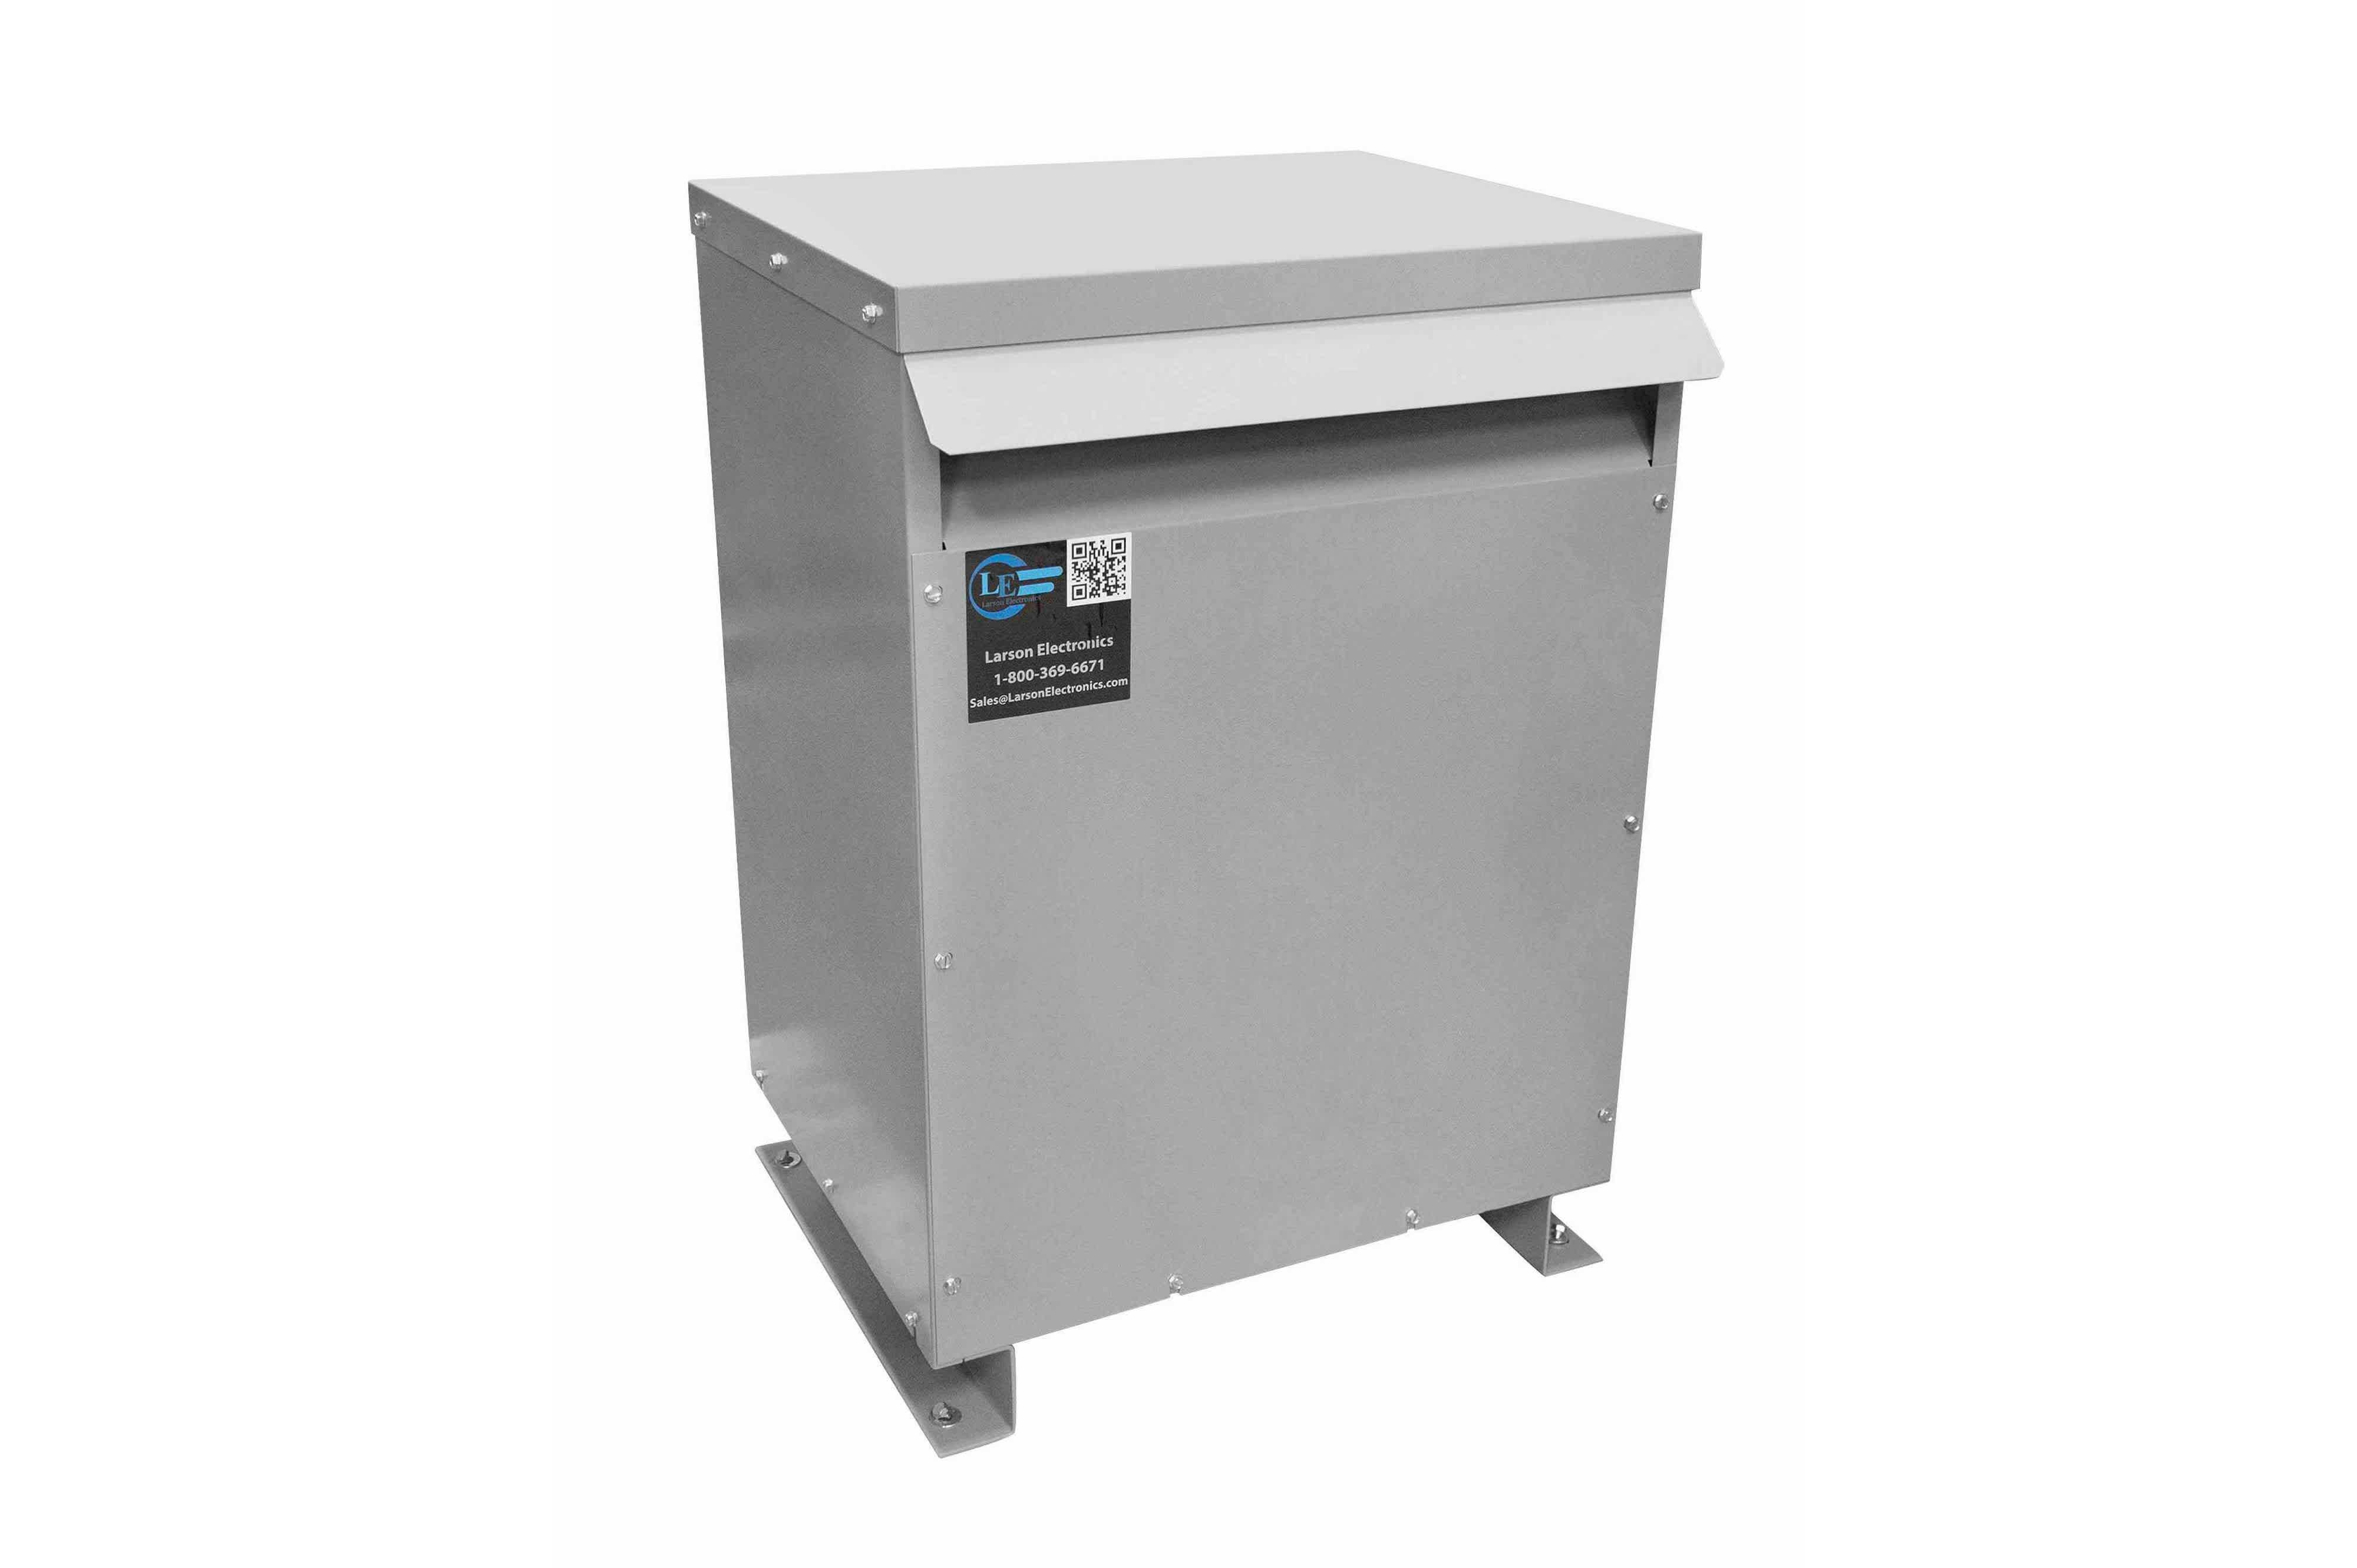 700 kVA 3PH Isolation Transformer, 208V Delta Primary, 415V Delta Secondary, N3R, Ventilated, 60 Hz